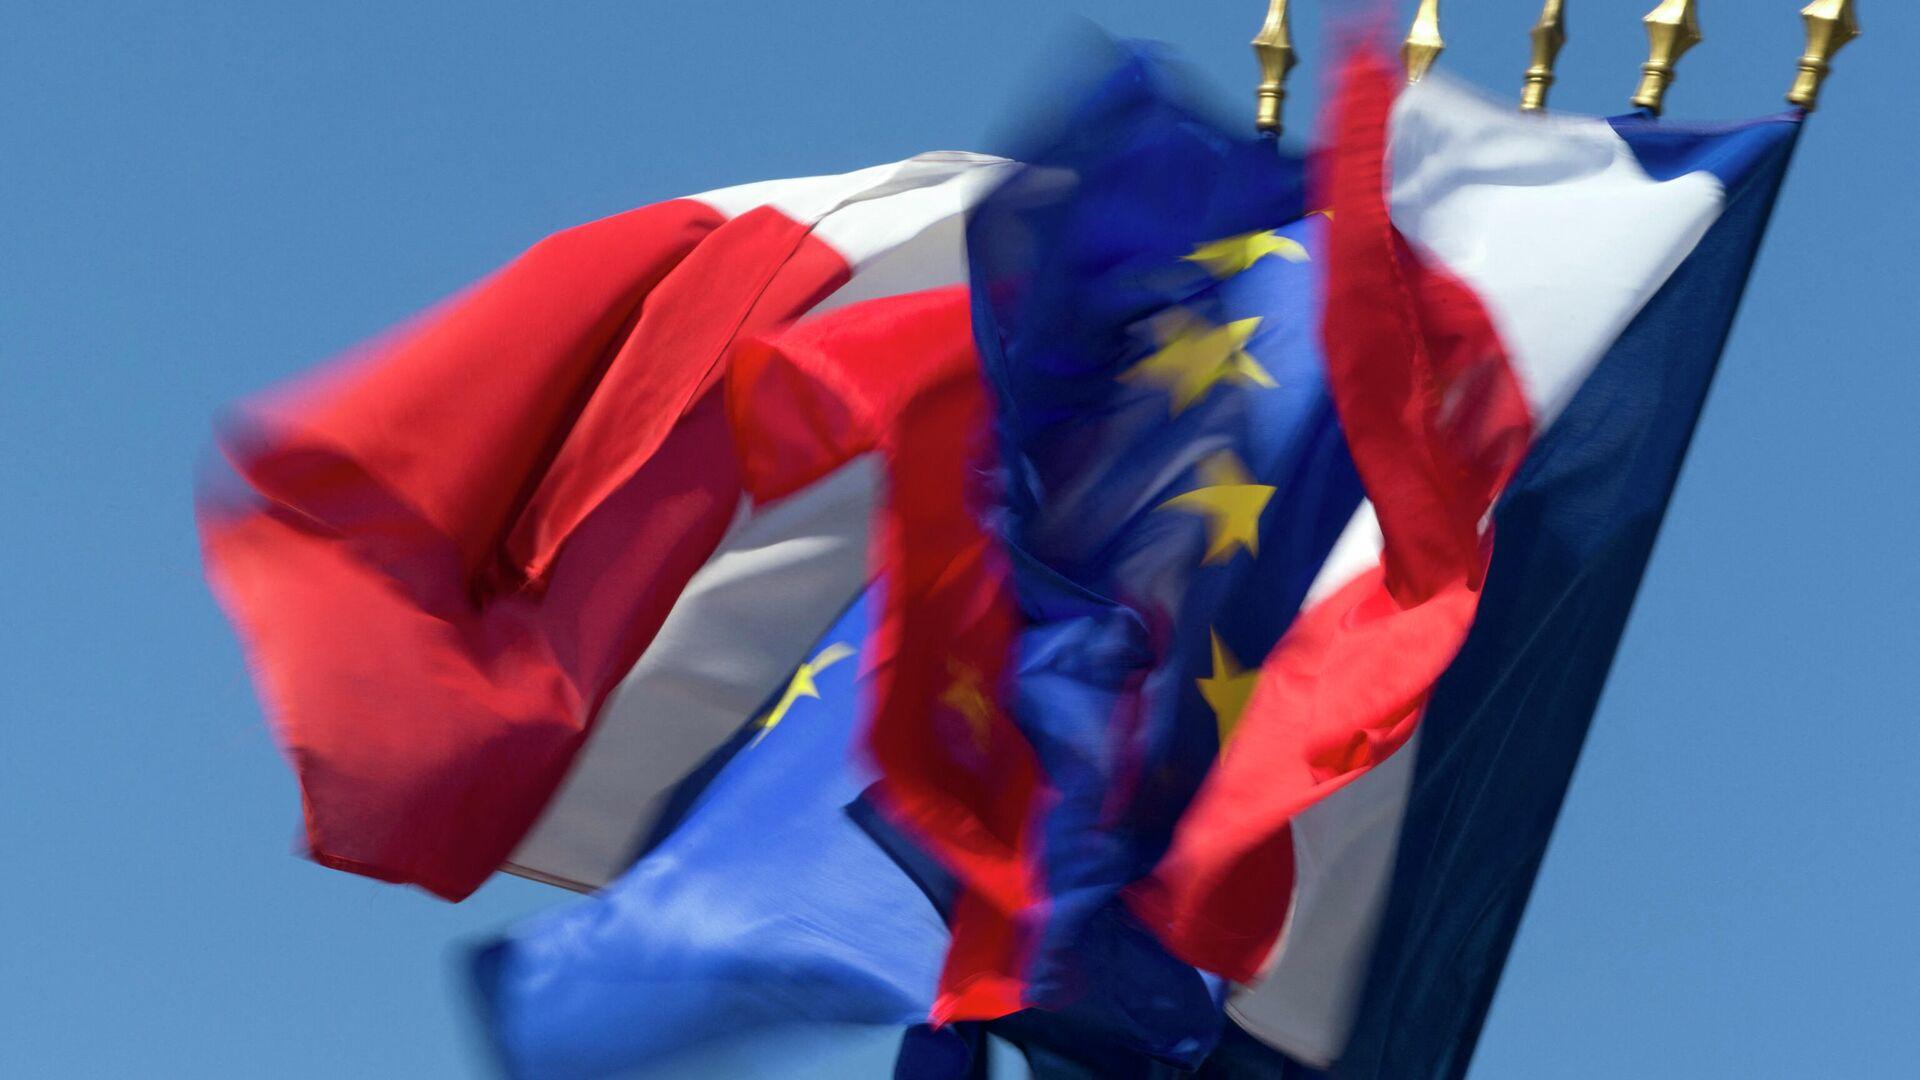 Las banderas de Francia y la UE - Sputnik Mundo, 1920, 14.03.2021